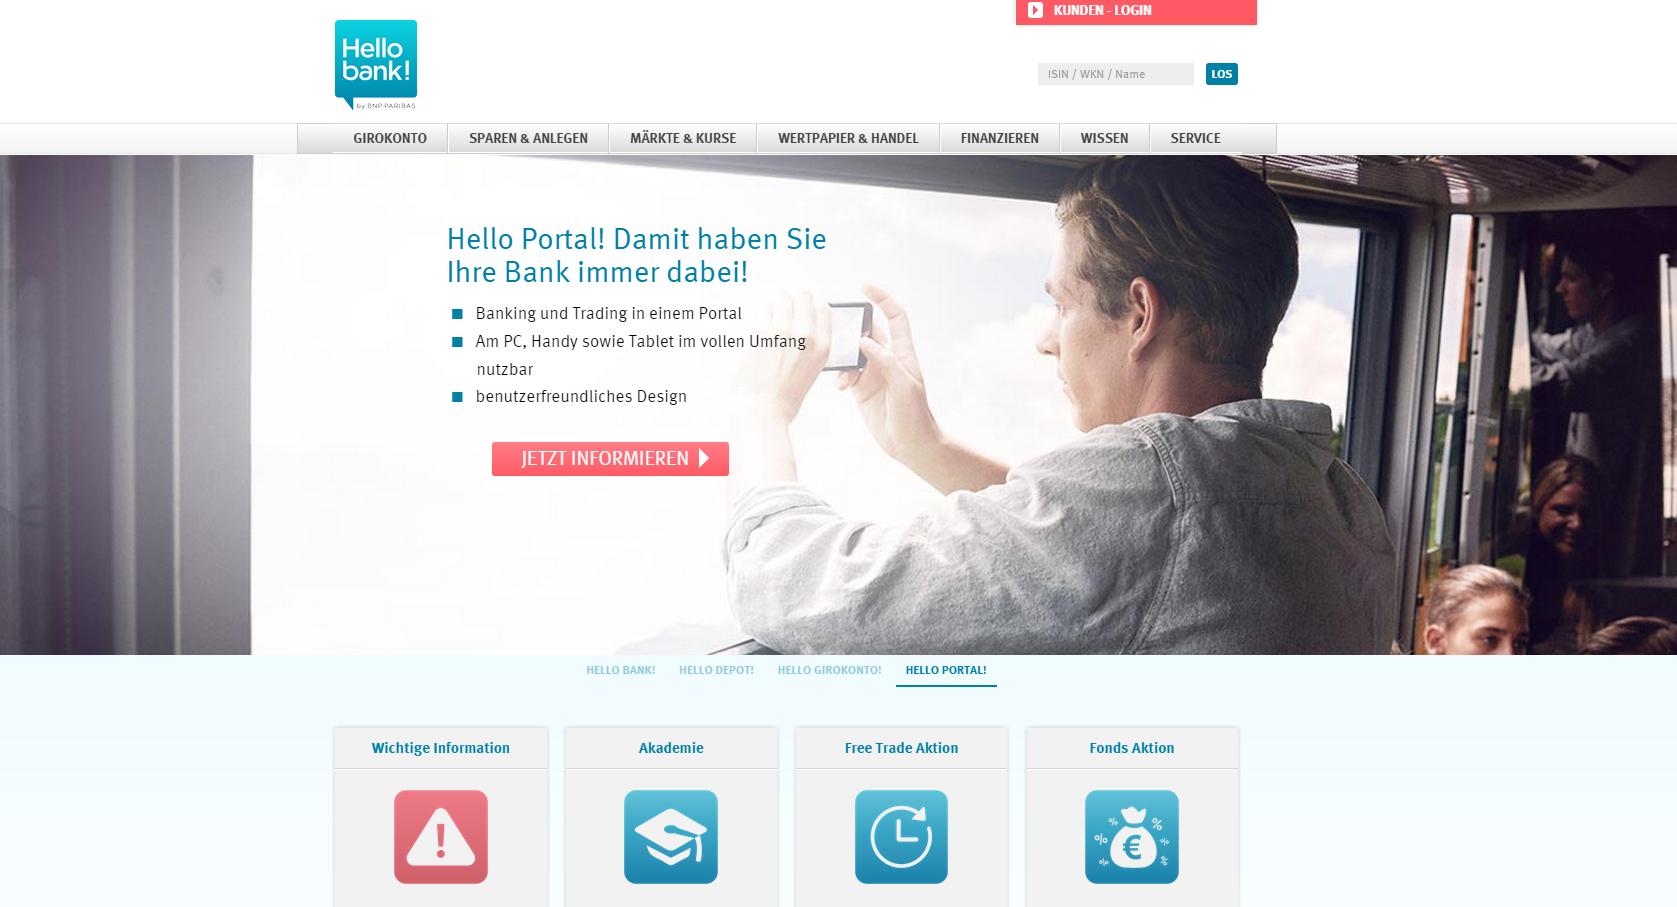 Die Hello Bank Internetseite